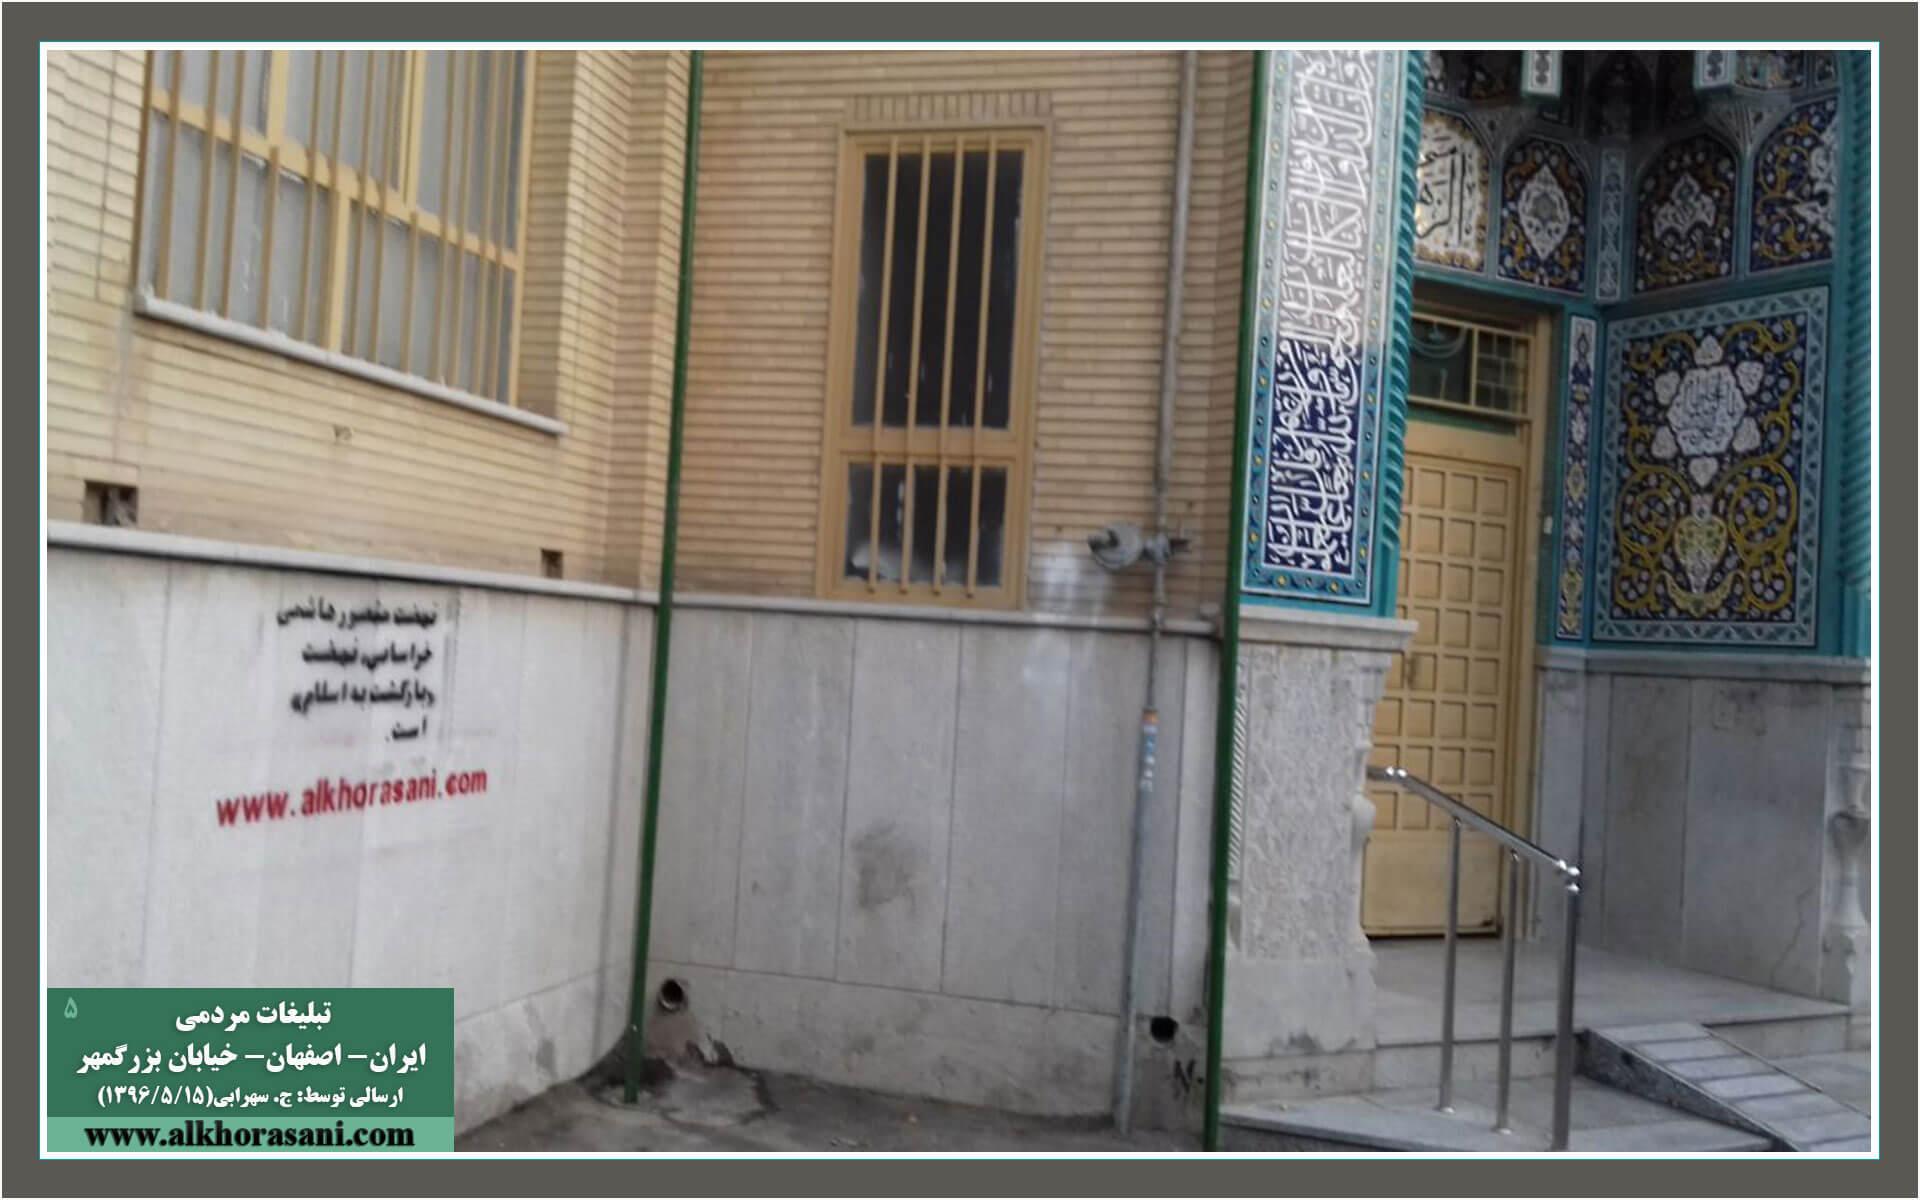 نهضت منصور هاشمی خراسانی؛ اصفهان